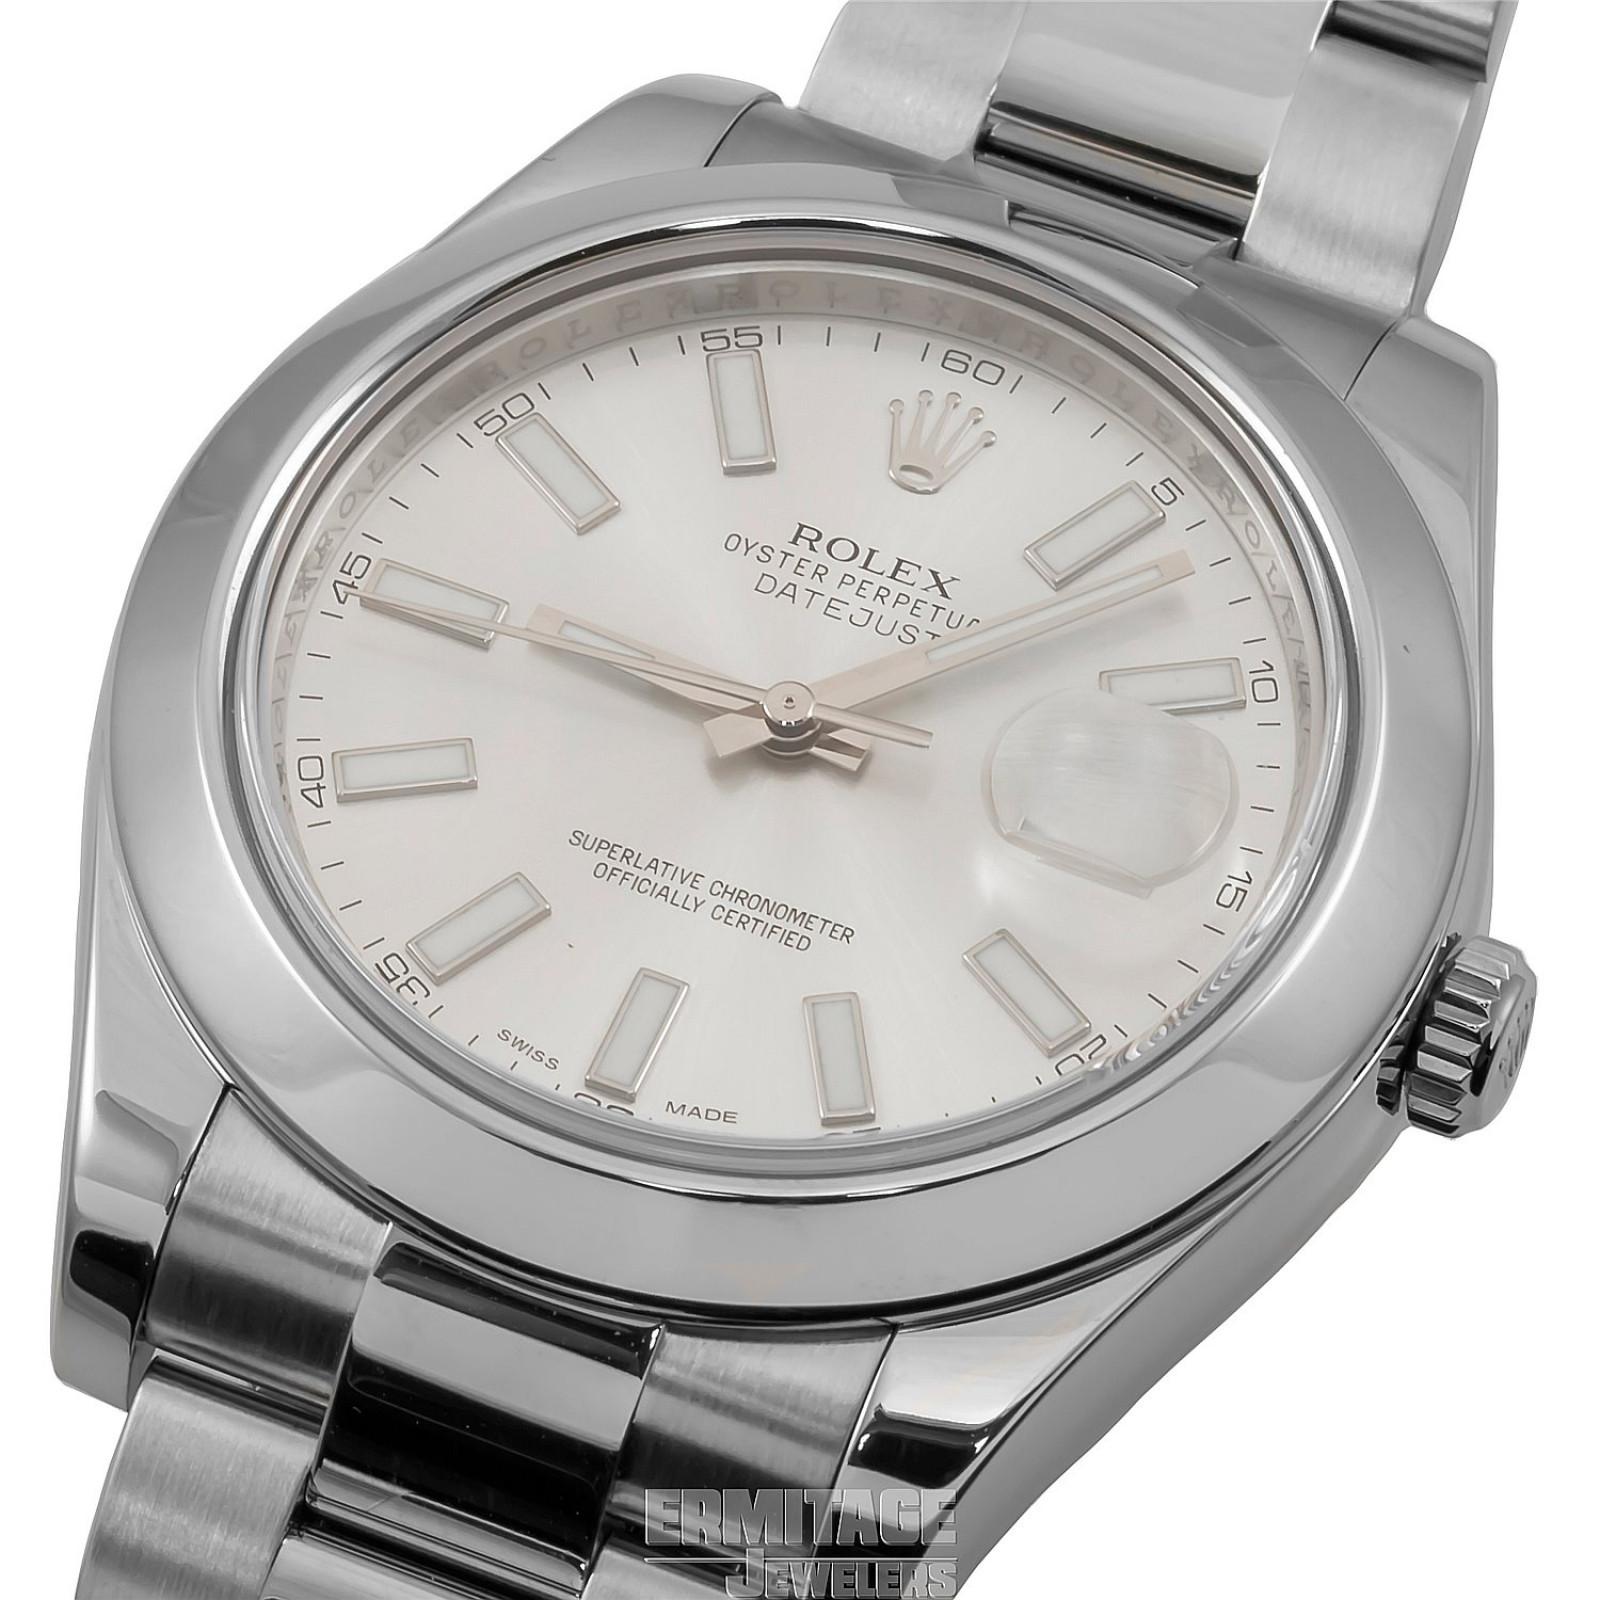 2014 Silver Rolex Datejust Ref. 116300